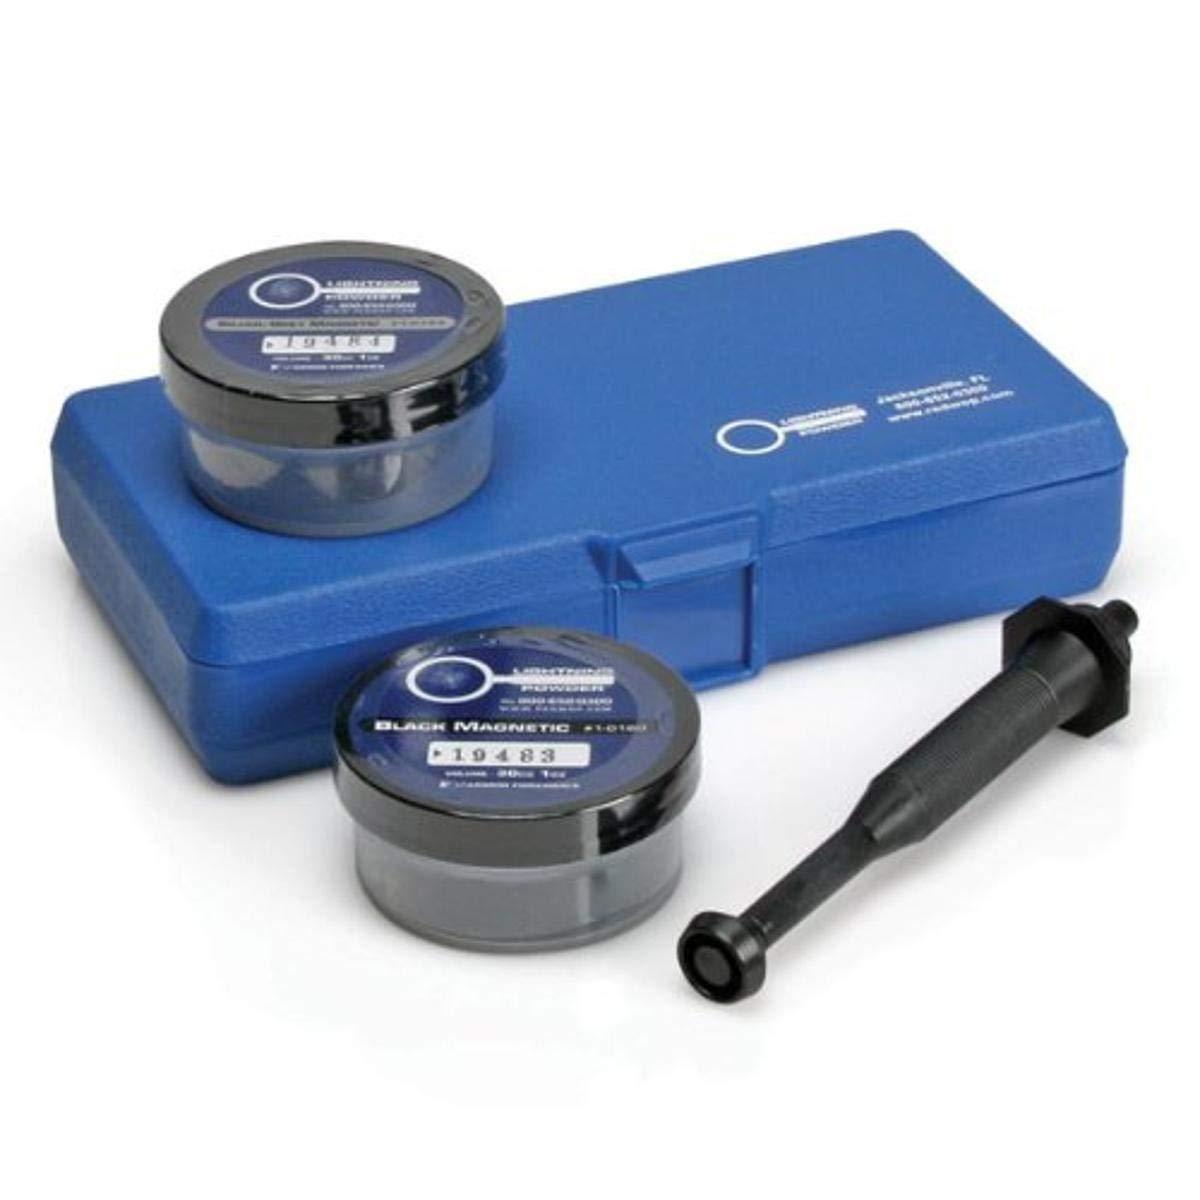 LIGHTNING POWDER Basic Magnetic Fingerprint Powder Kit